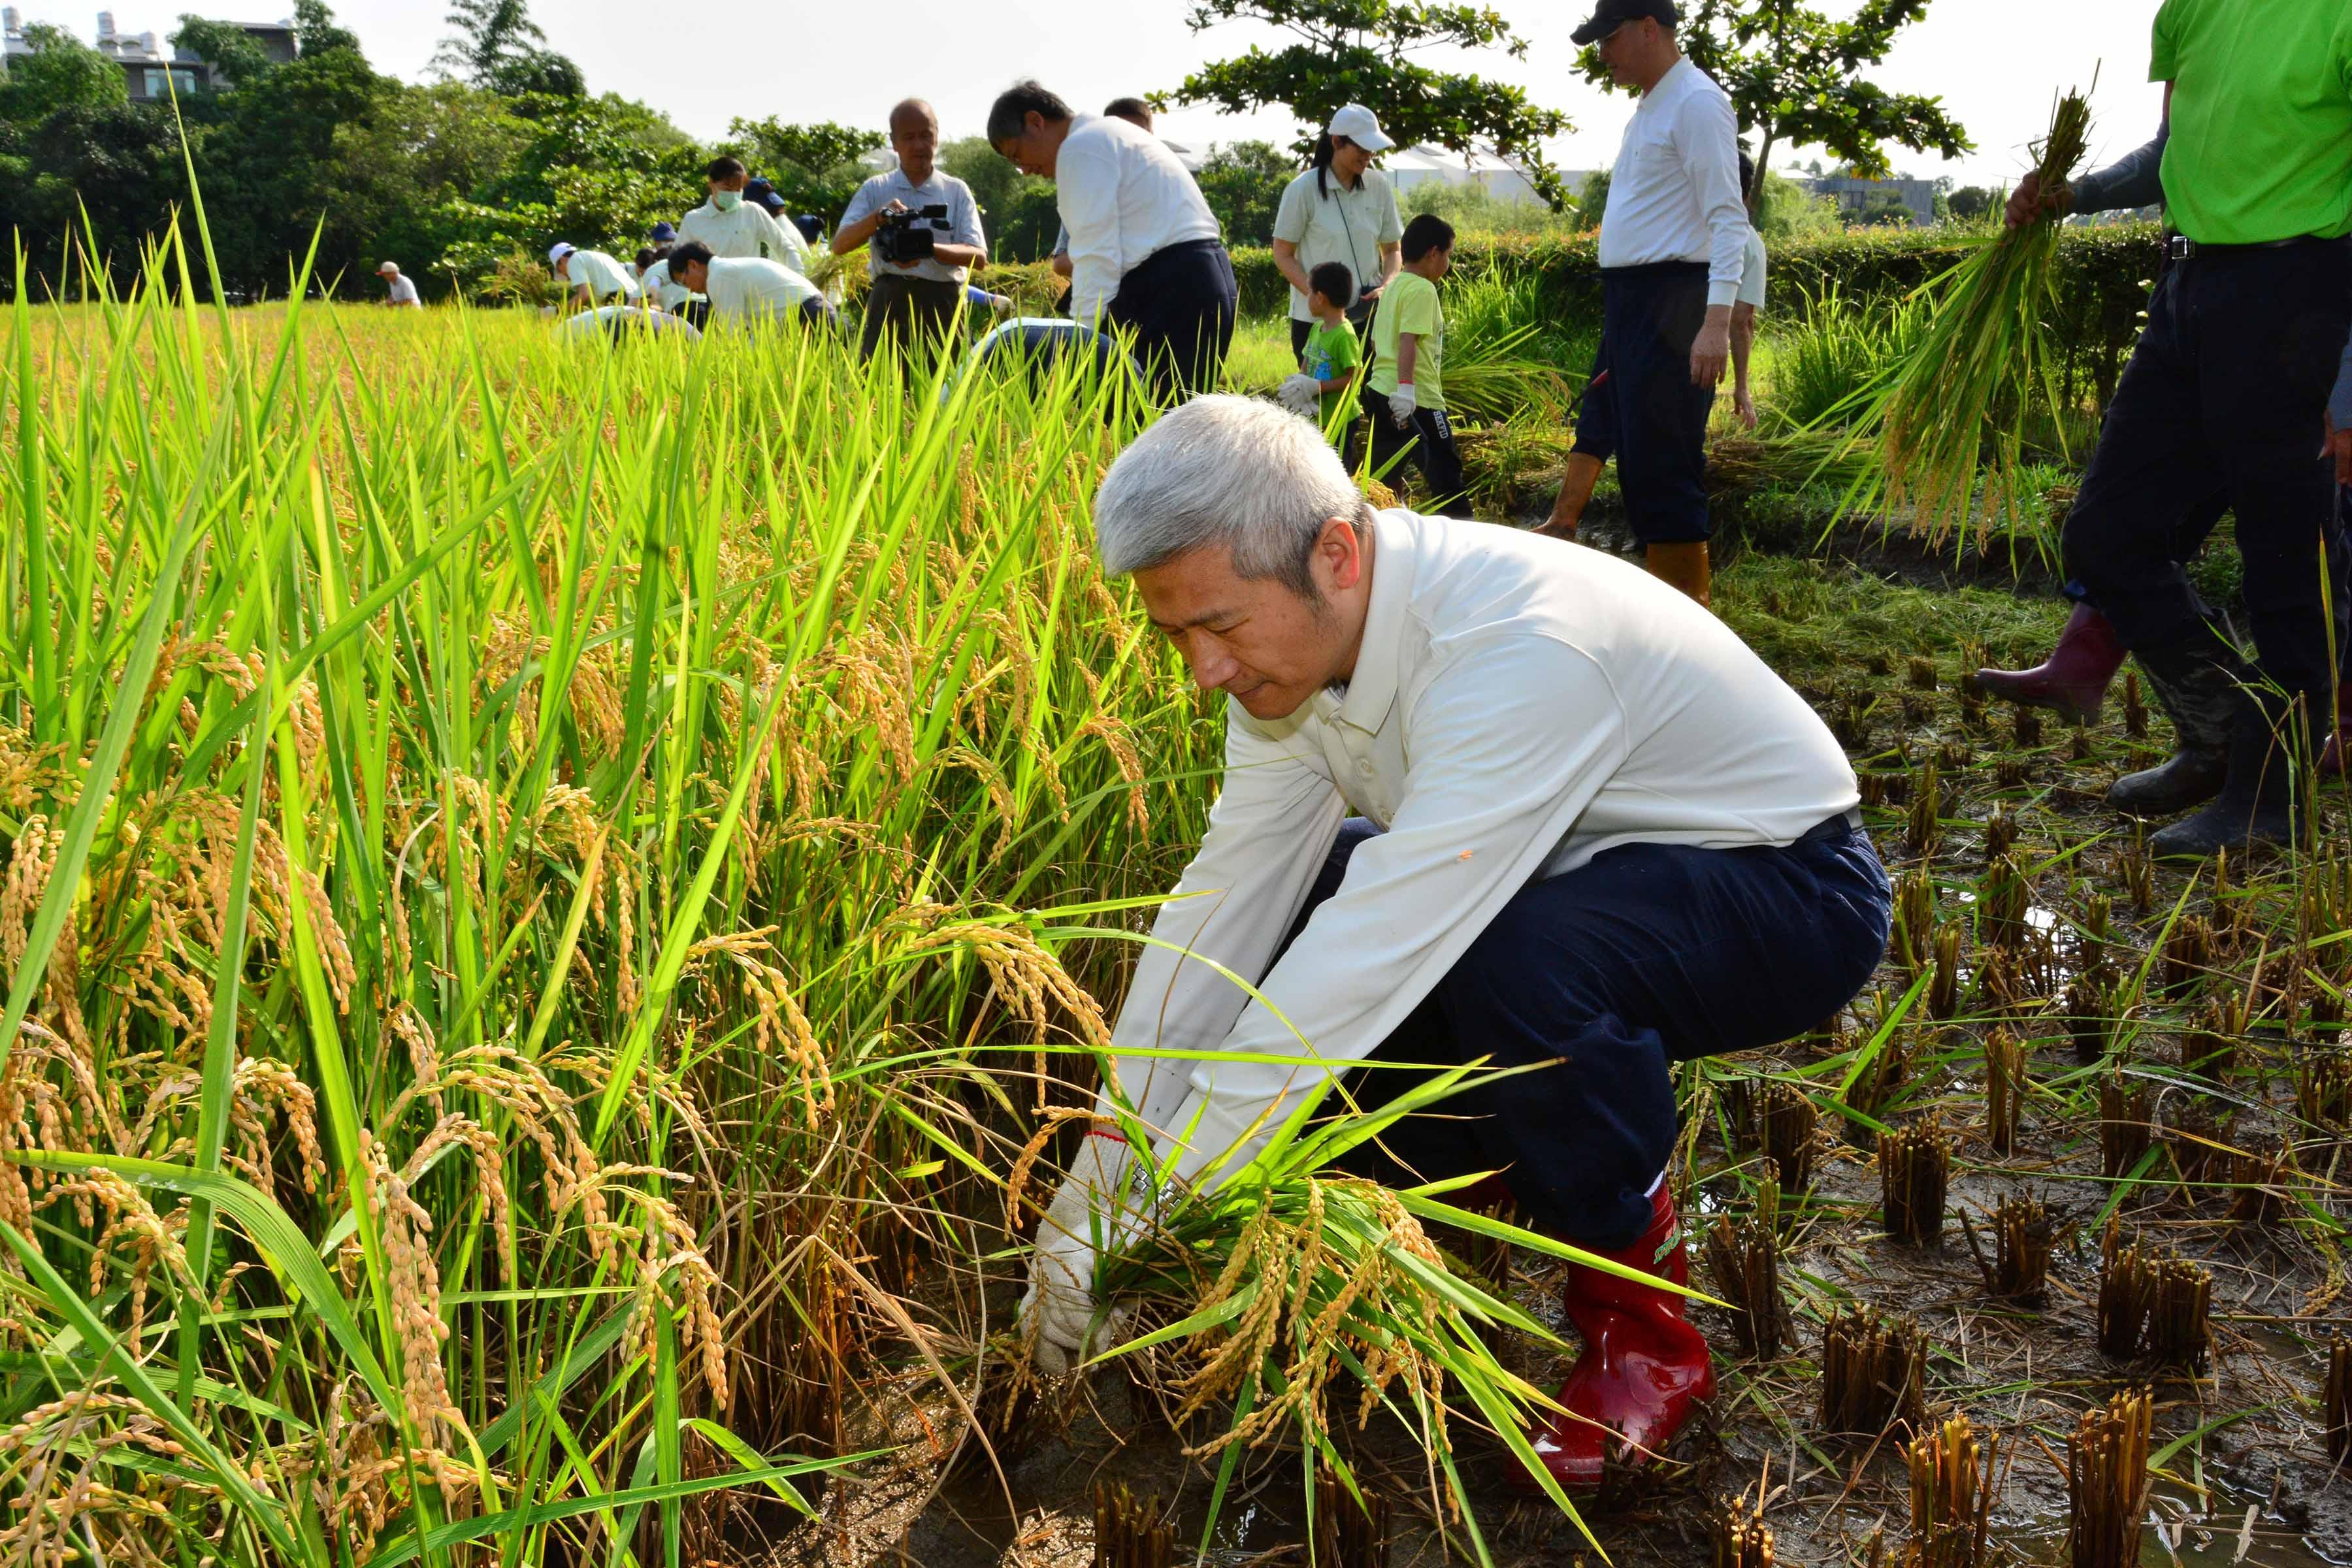 大林慈濟醫院陳金城副院長自身也很注意身體保養,圖為他與大林慈濟醫護同仁踏入田間,親近土地,體驗農夫收割的辛勞。